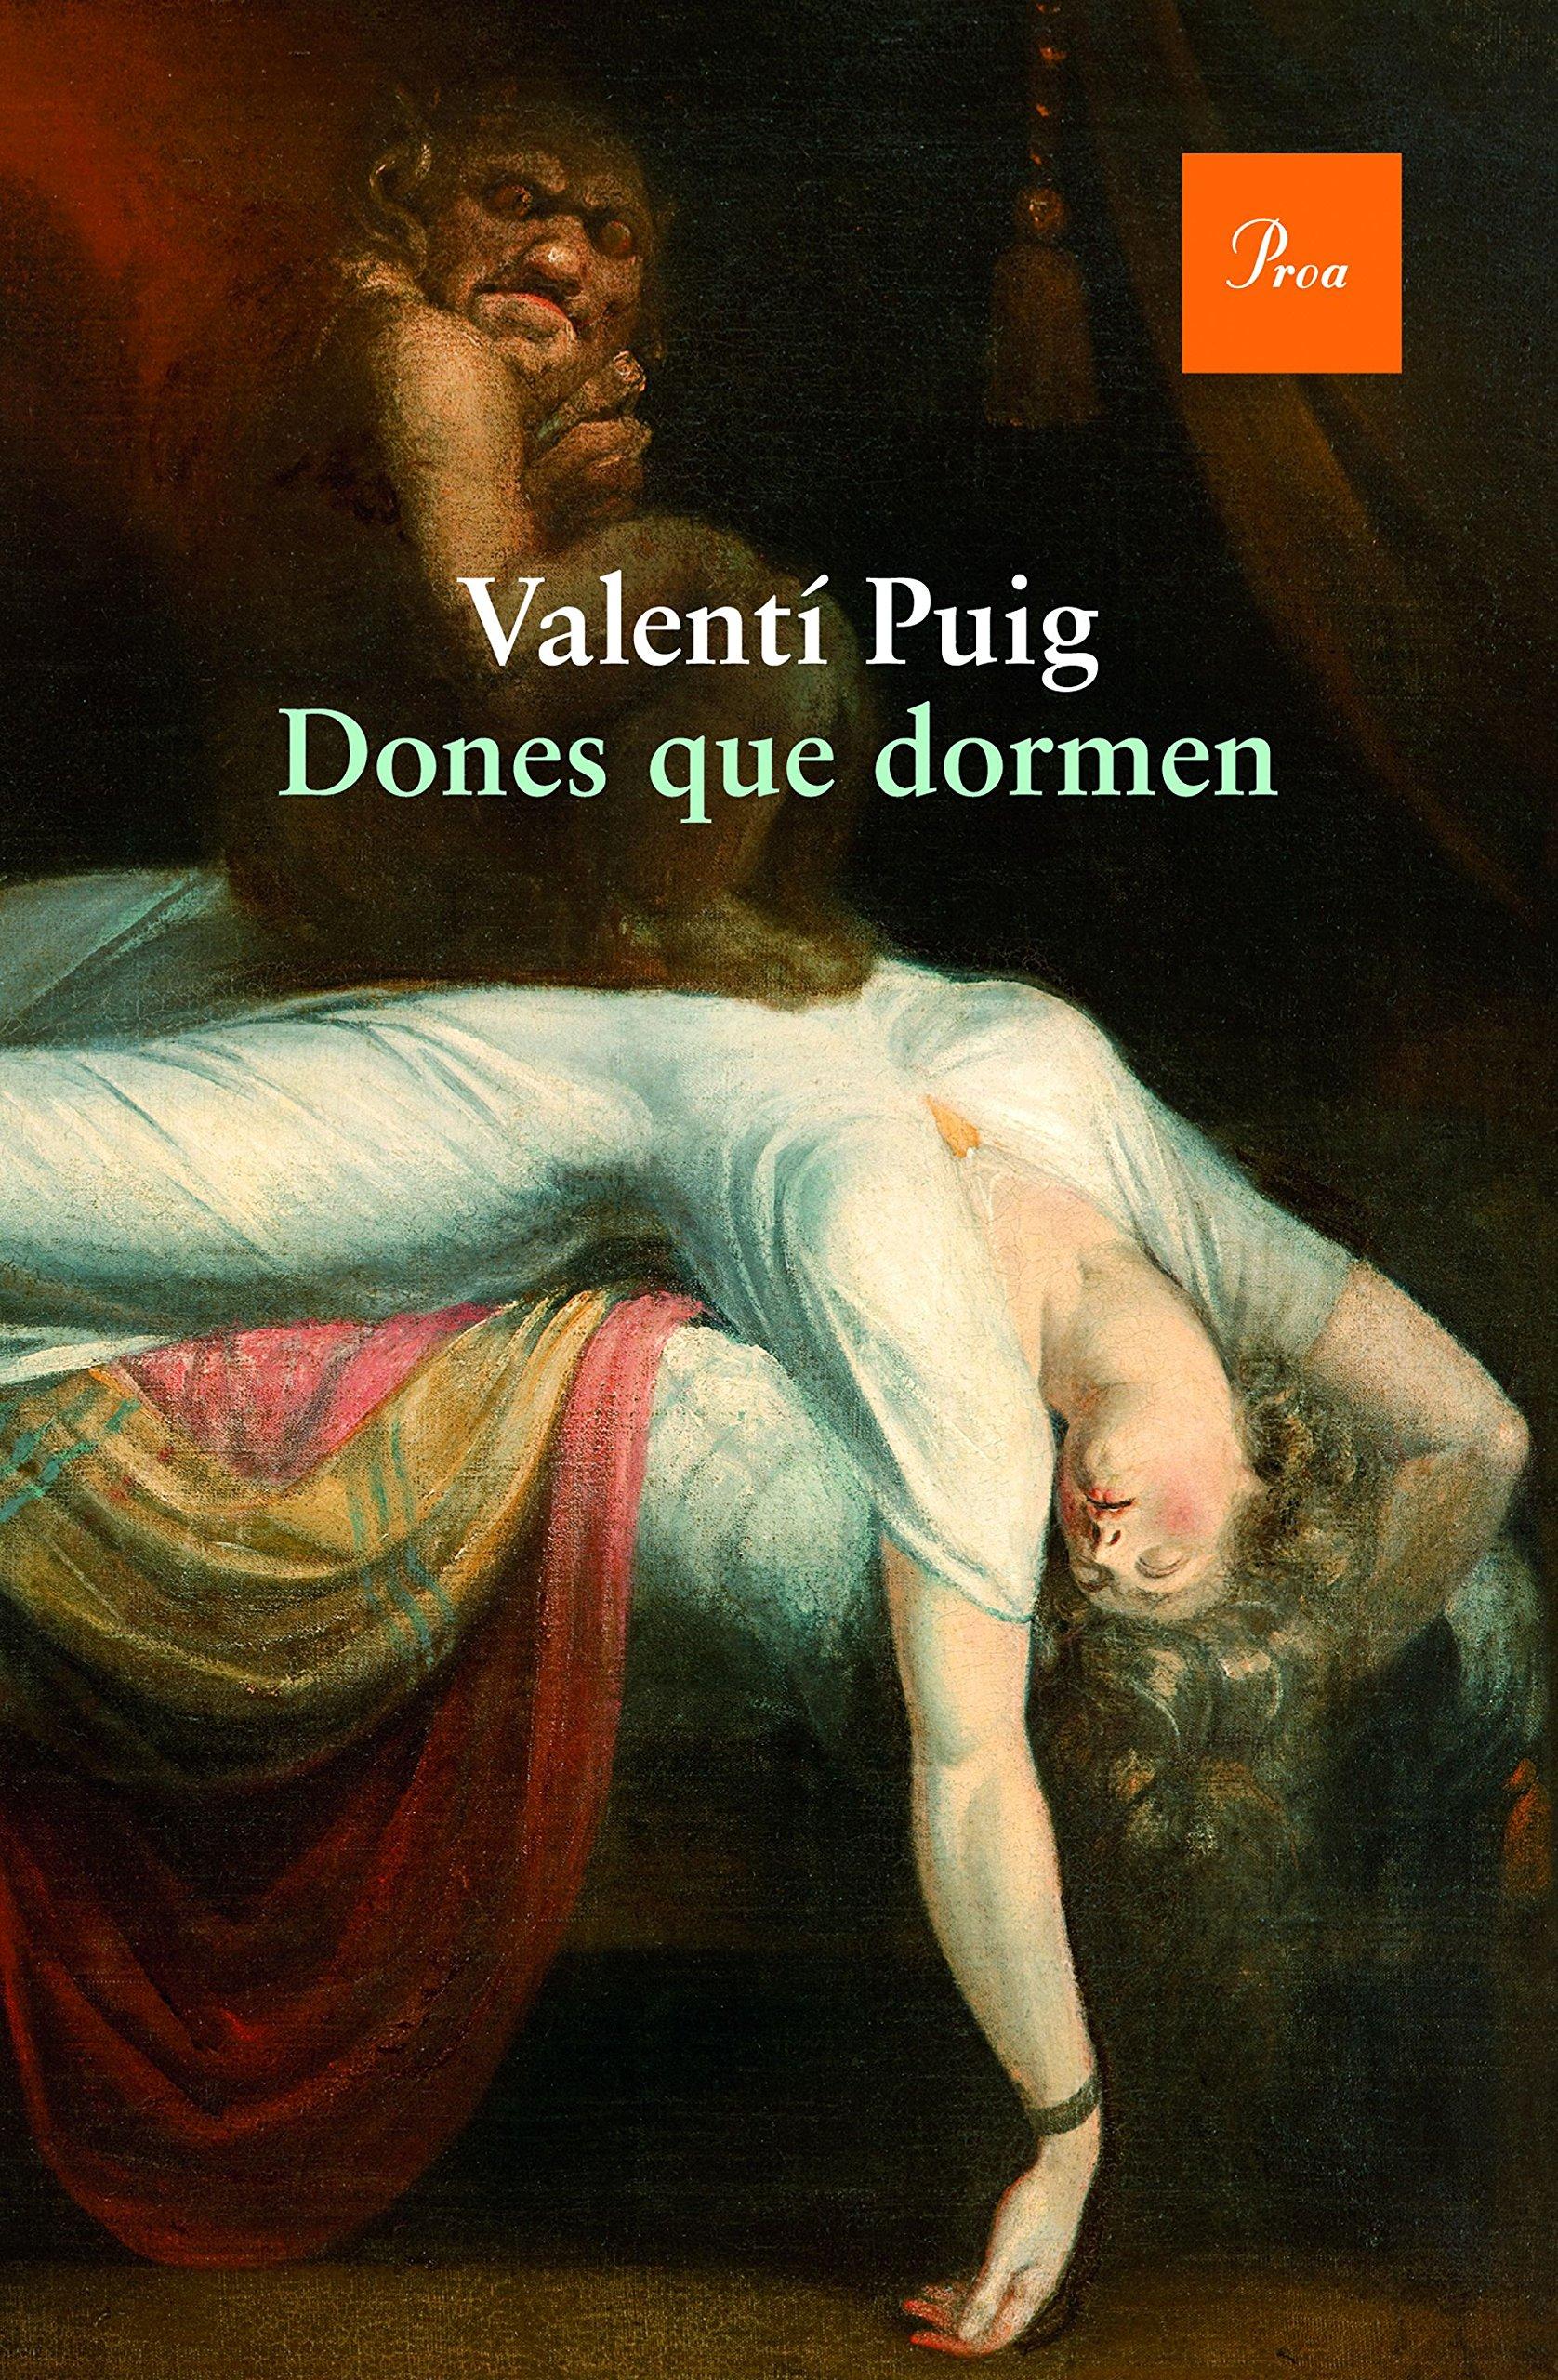 Dones que dormen ISBN-13 9788475885674